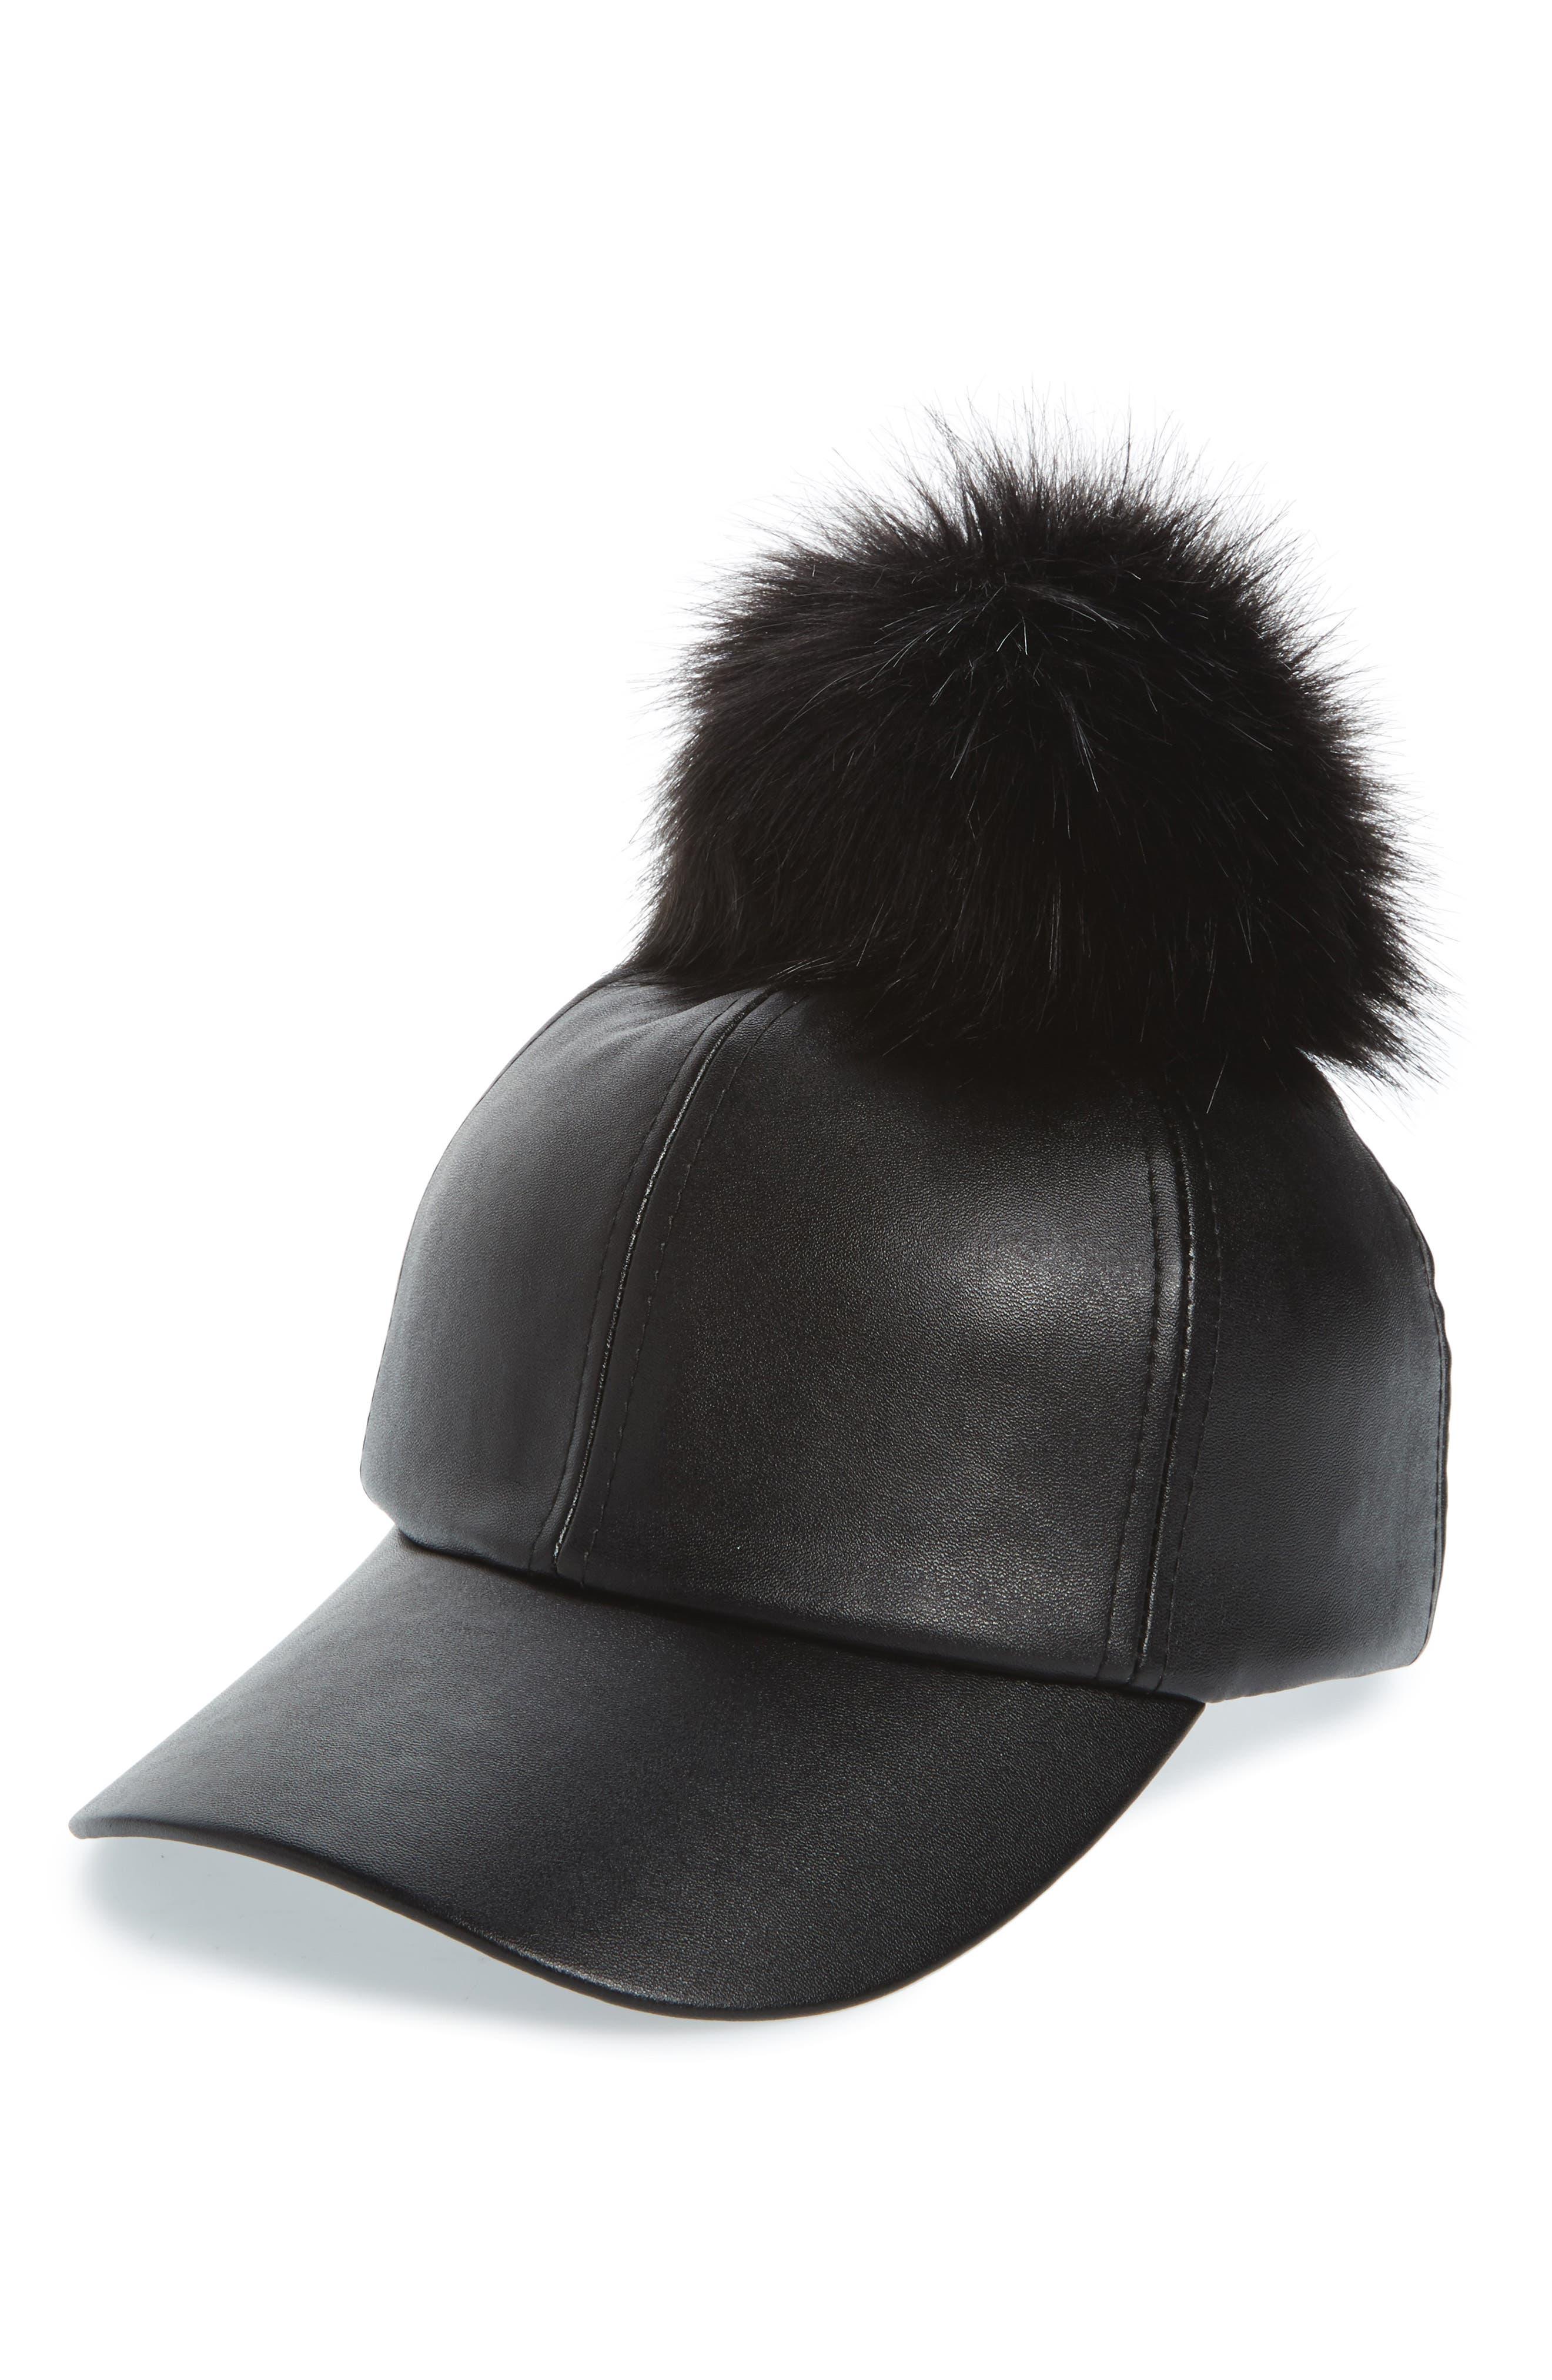 Faux Leather Cap with Faux Fur Pompom,                             Main thumbnail 1, color,